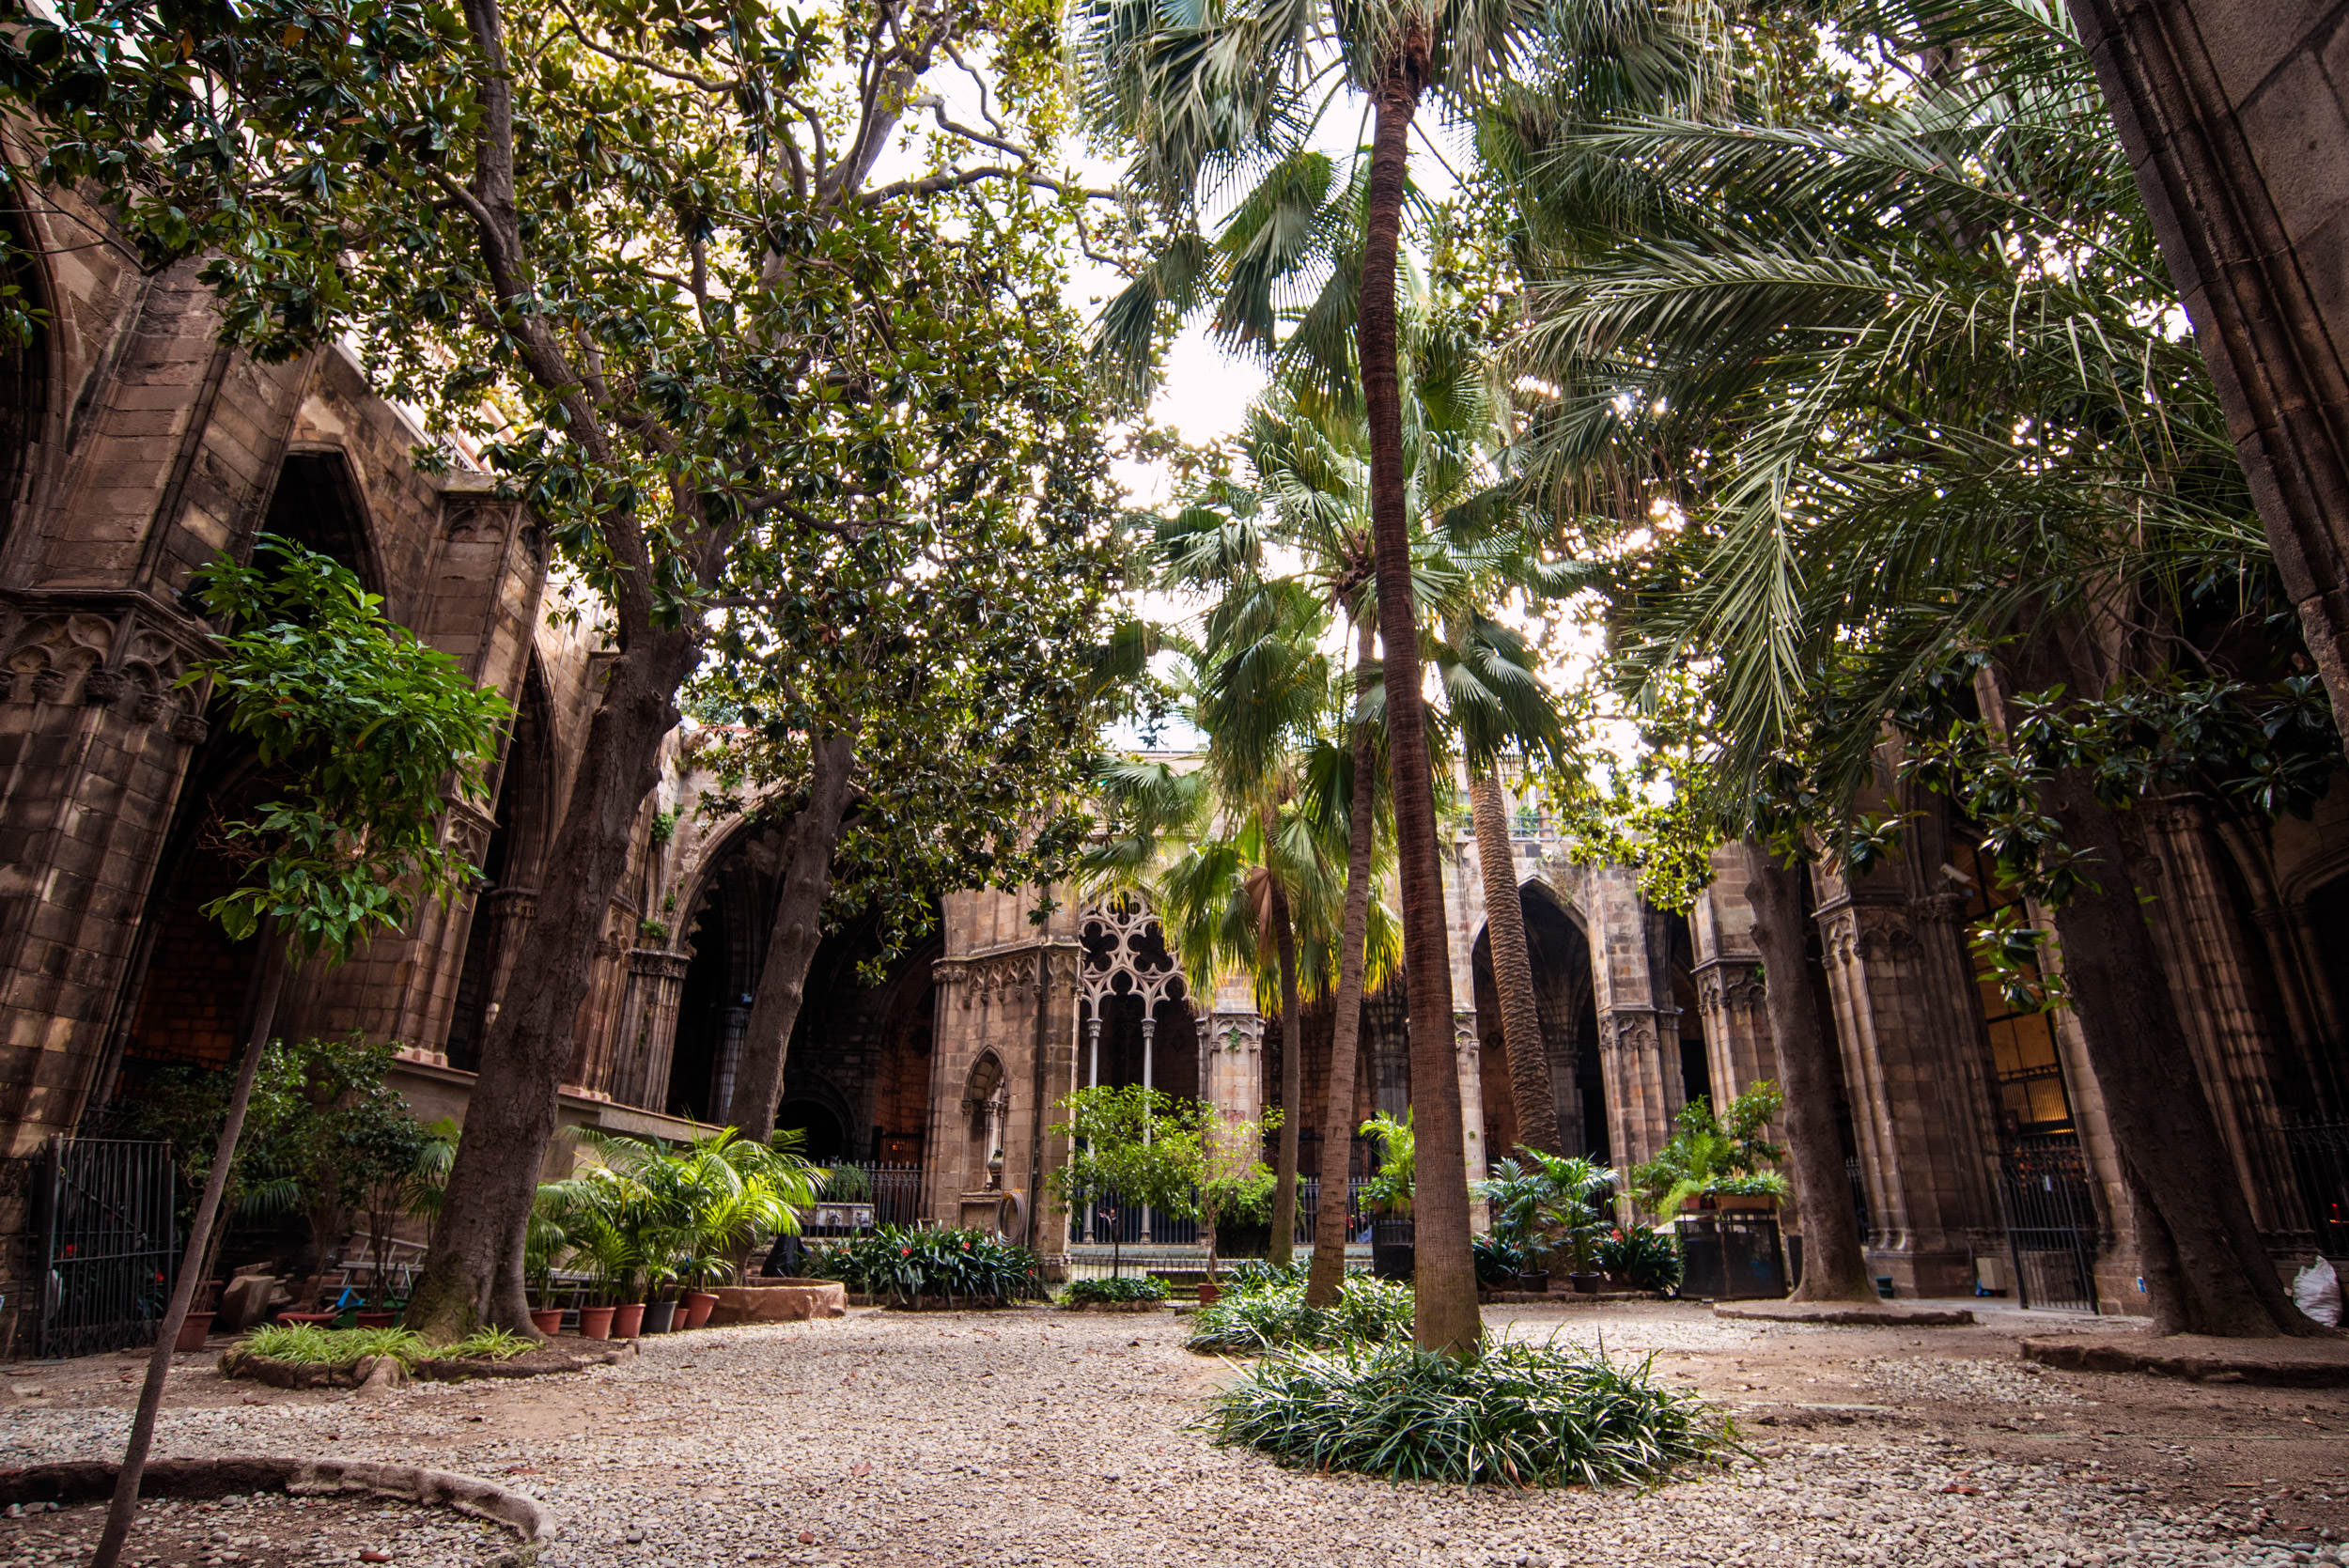 katedra-w-barcelonie-palmy